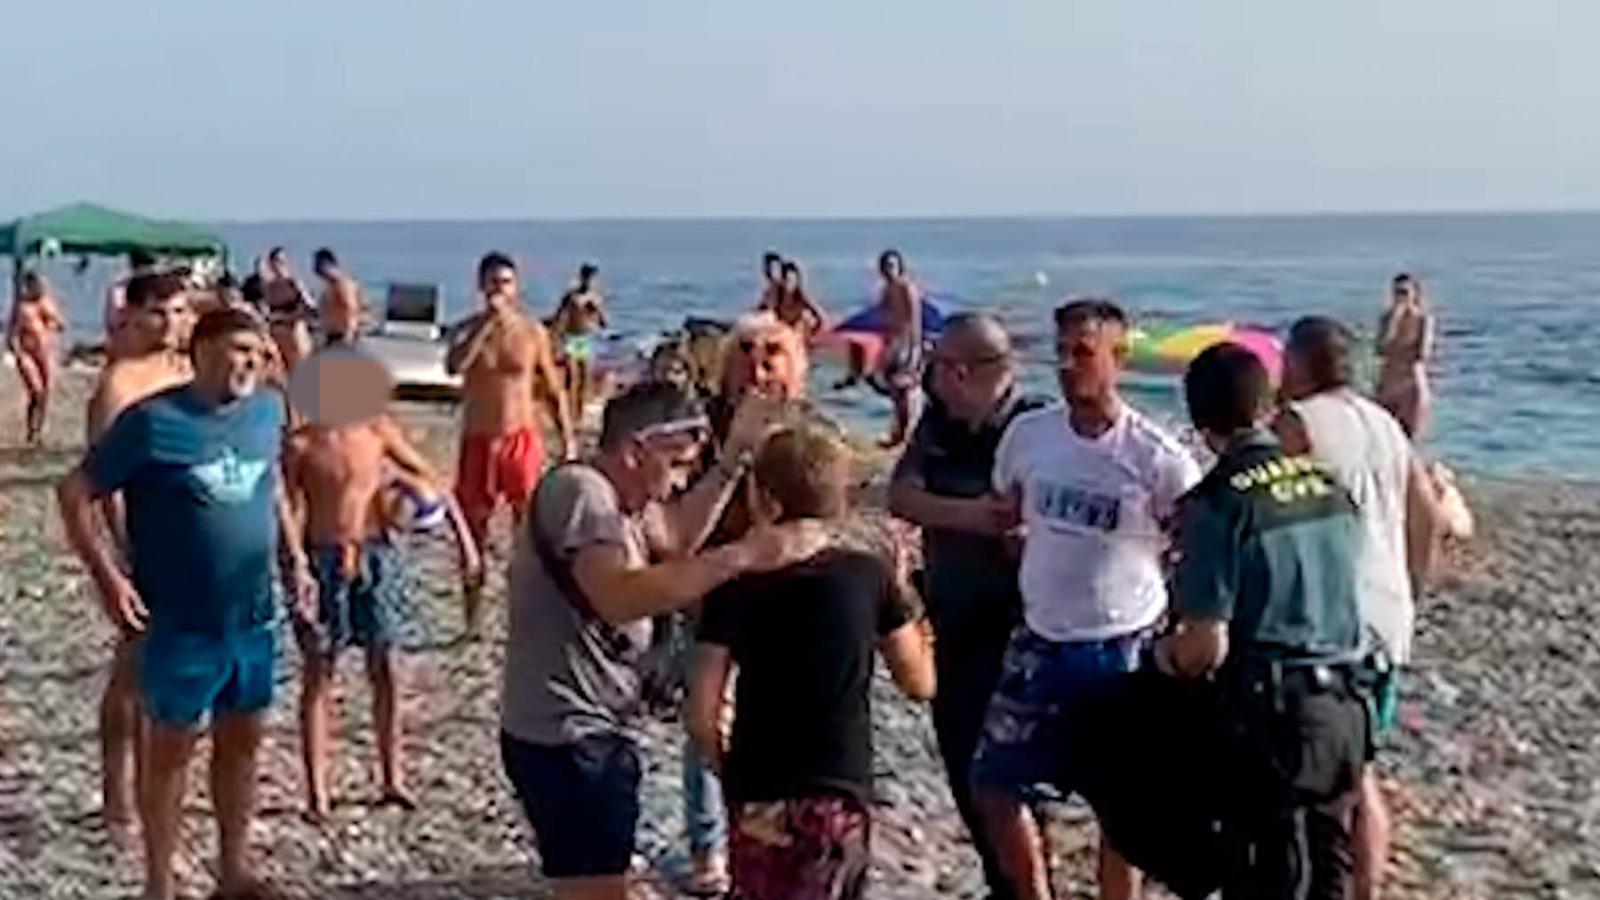 Detienen a dos narcos tras un desembarco frustrado entre bañistas en una playa de Granada.